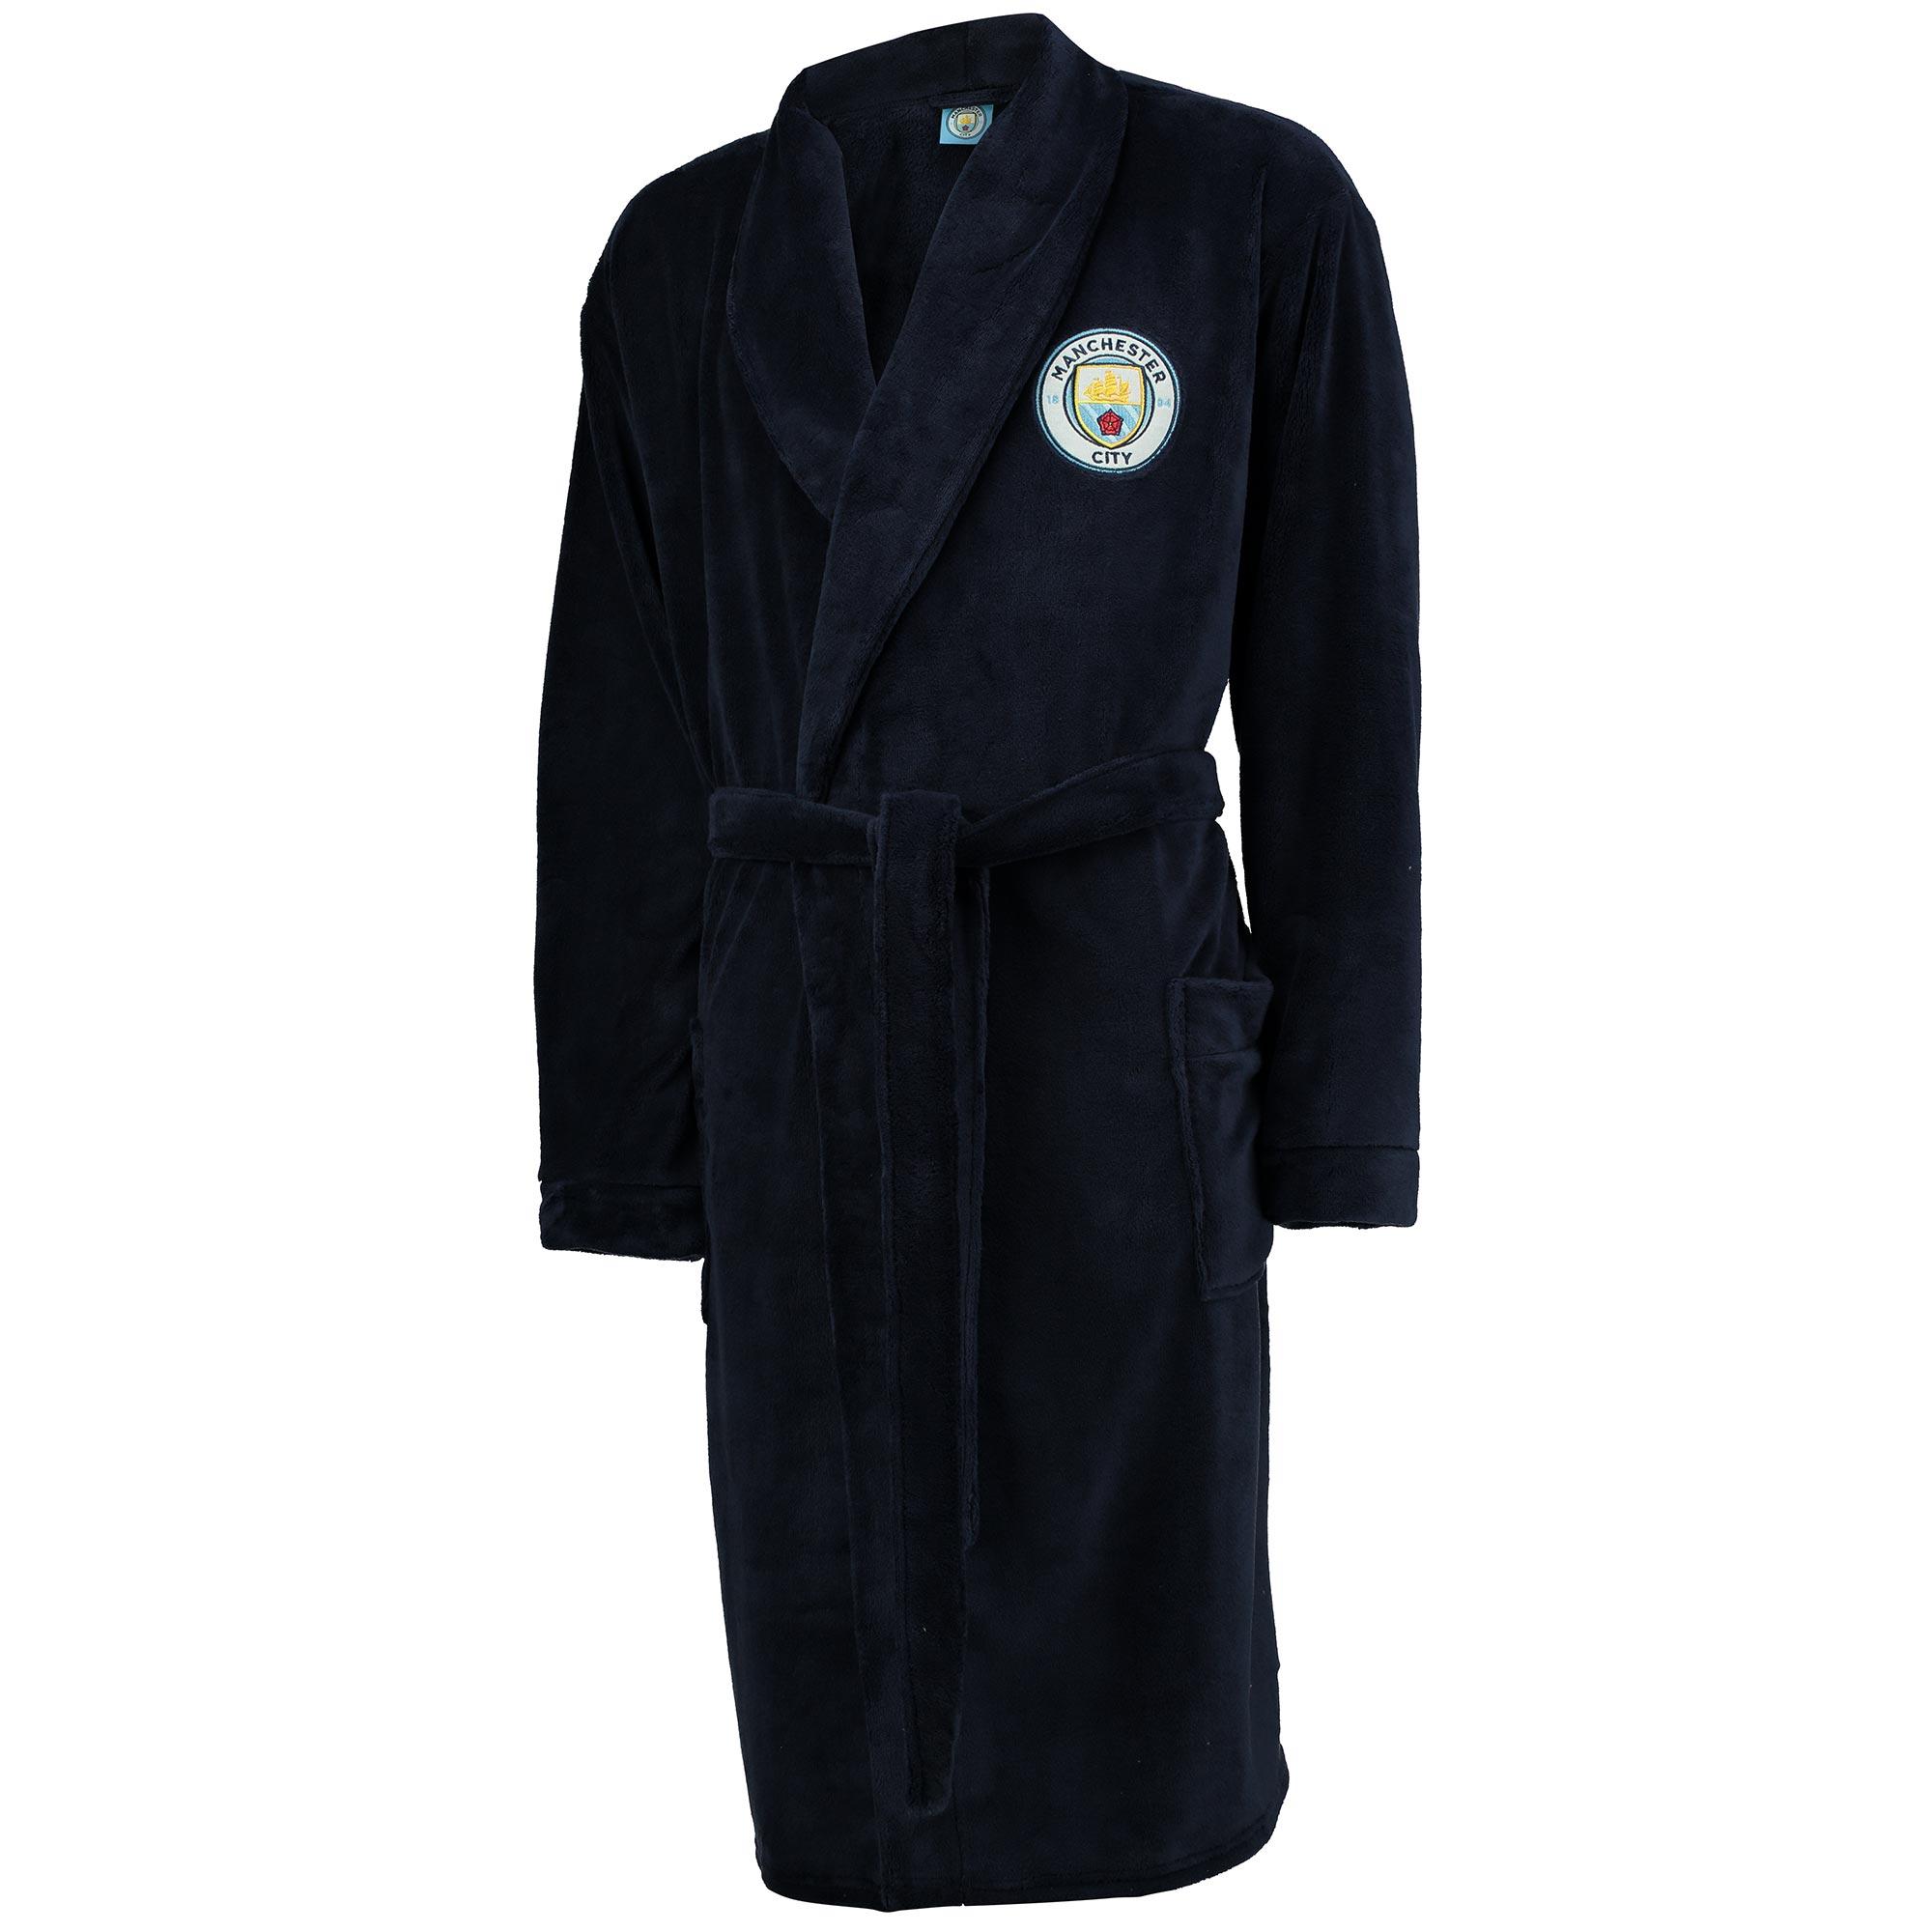 Manchester City Robe - Navy